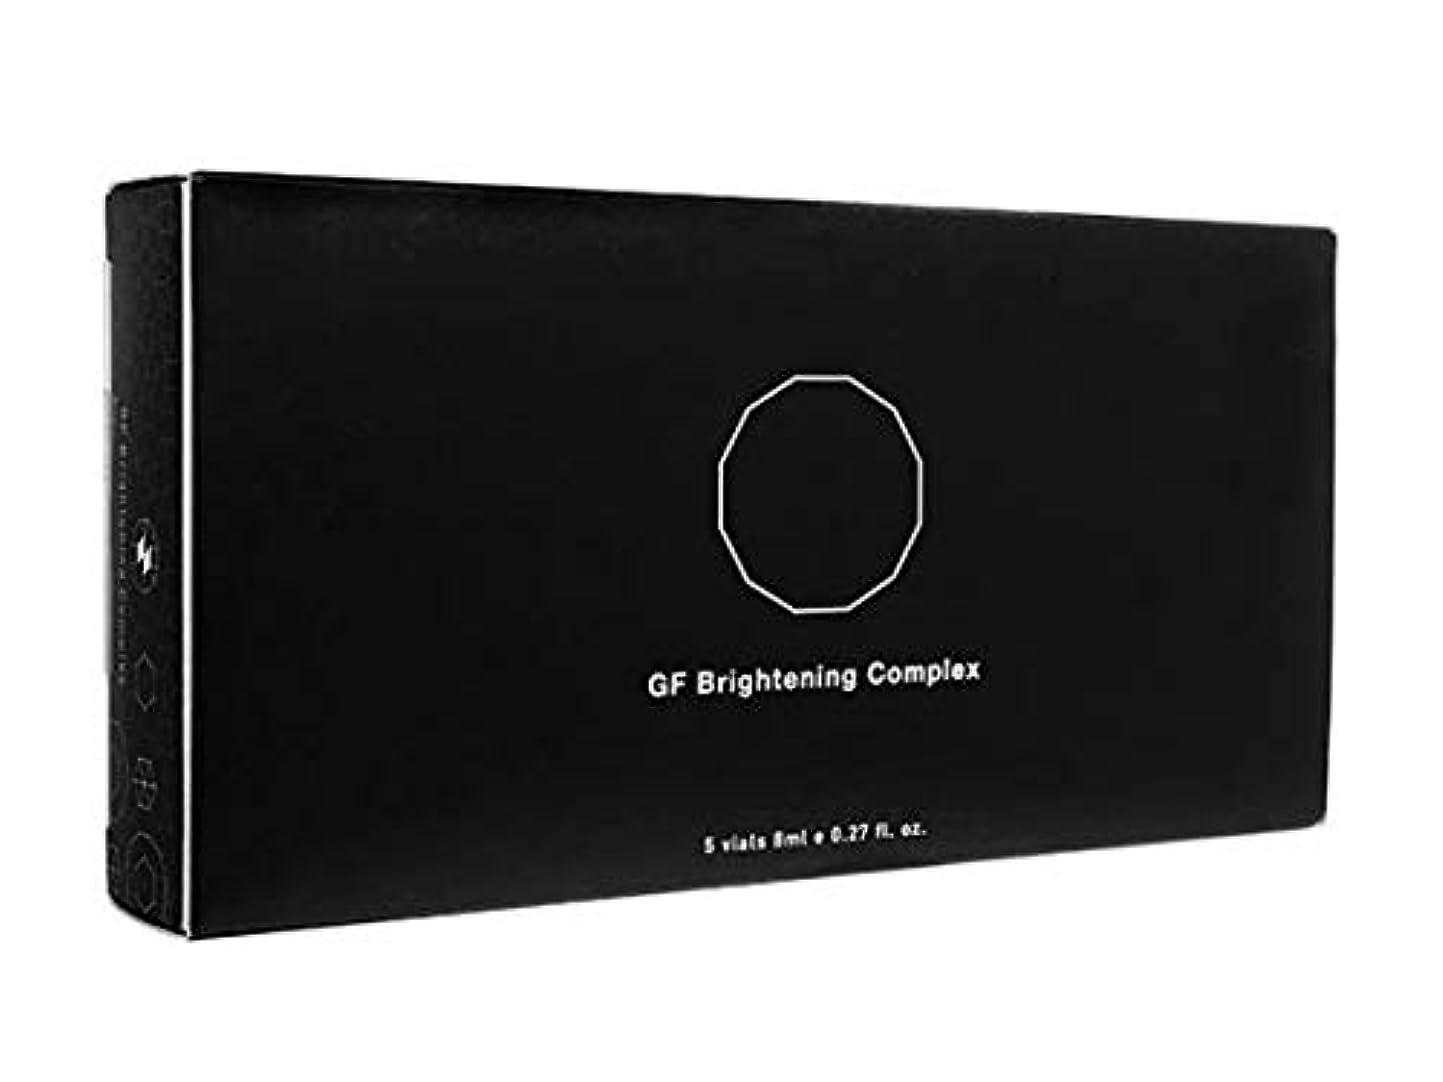 ビスケットマークダウン全くべネブ ブライトニング コンプレックス 8ml 5本 (Benev) GF Brightening Complex